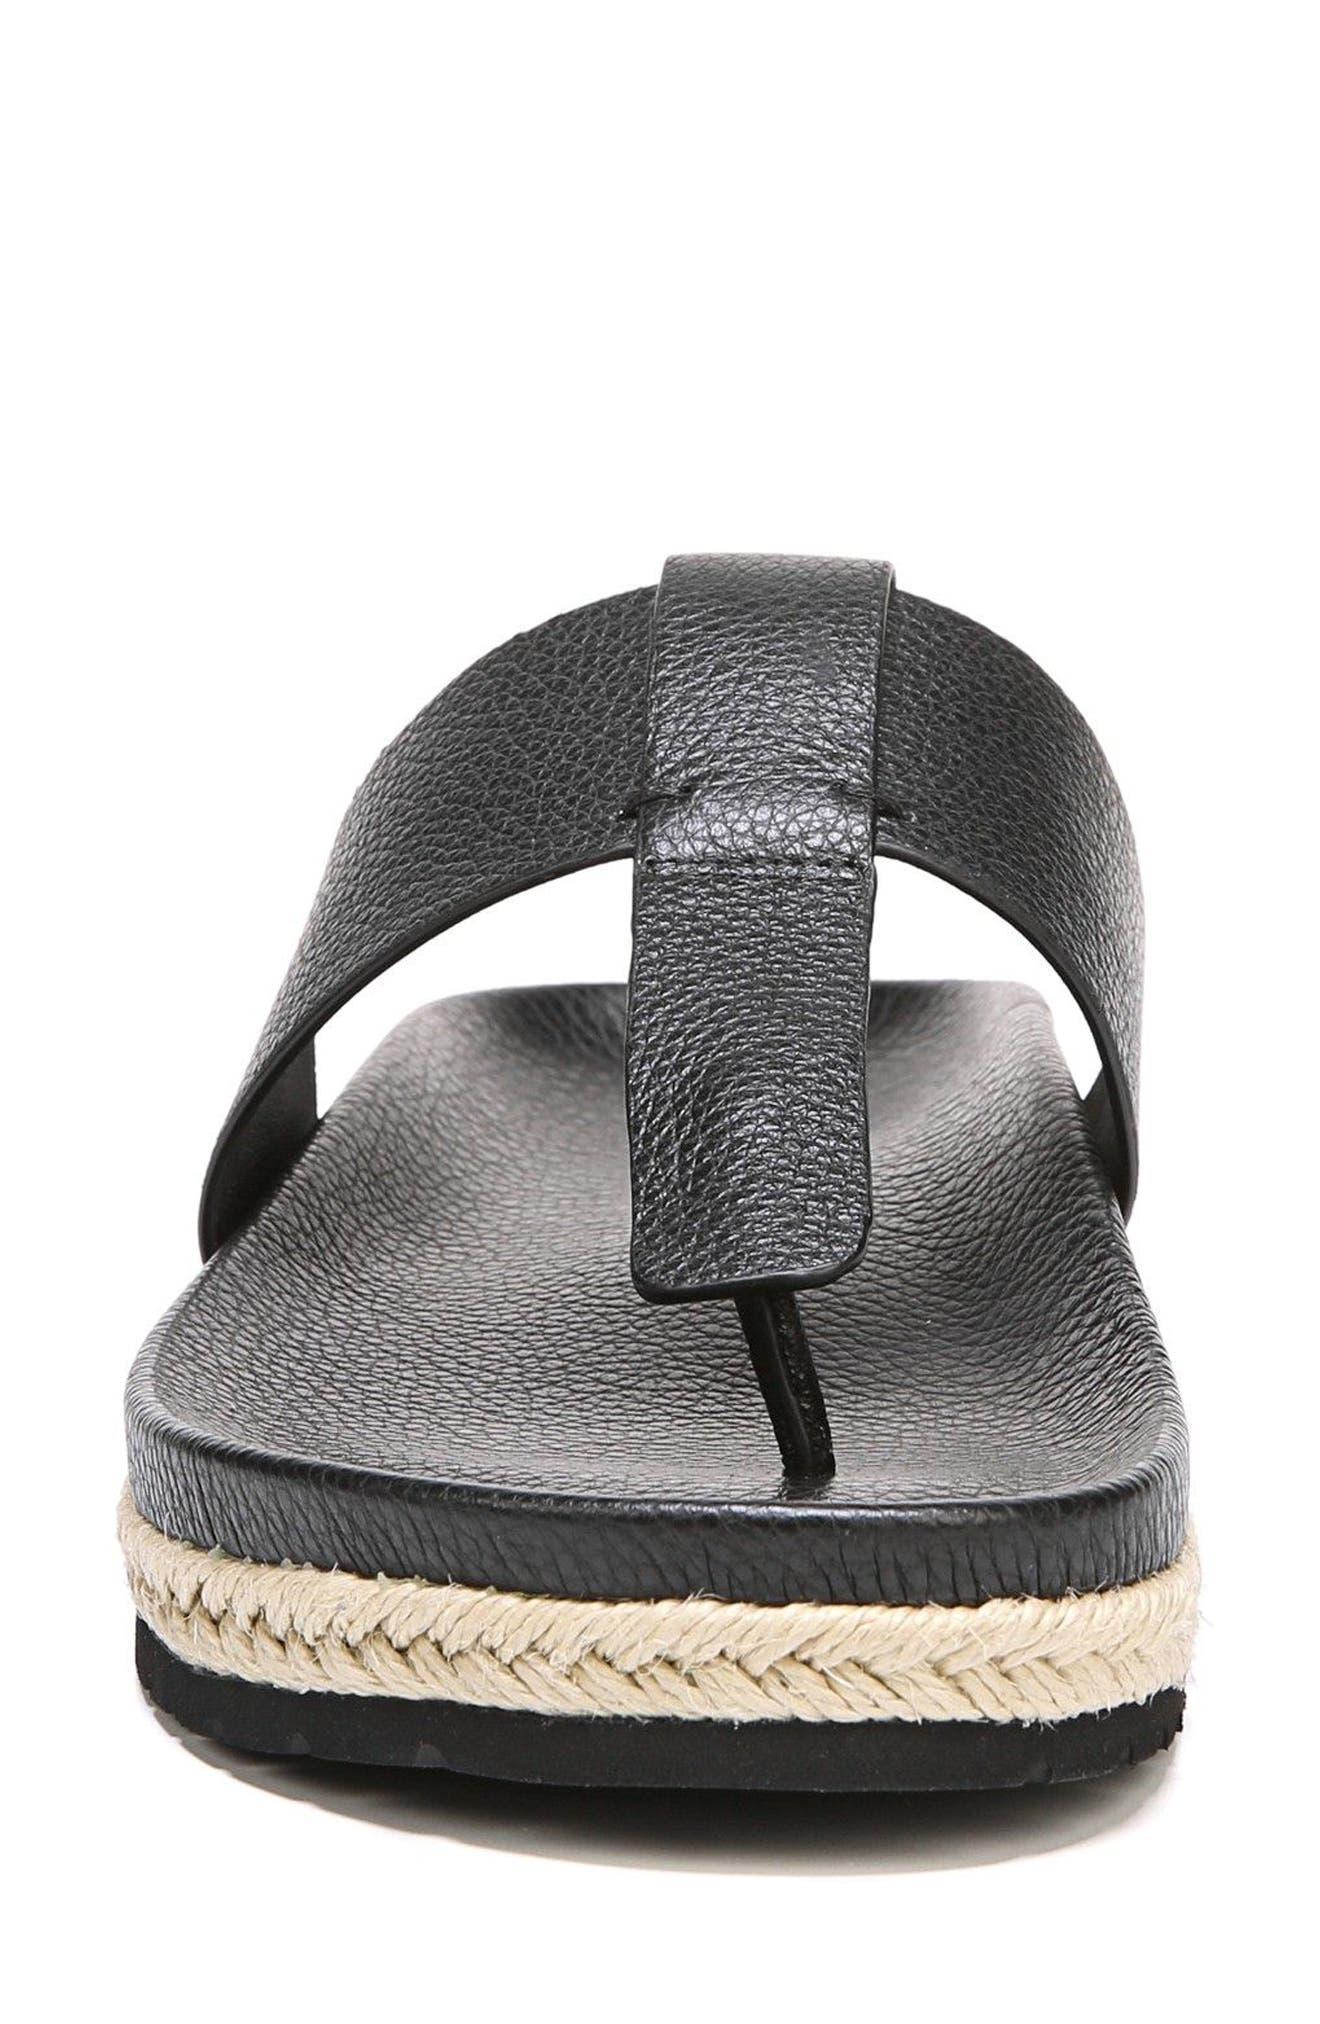 Avani T-Strap Flat Sandal,                             Alternate thumbnail 13, color,